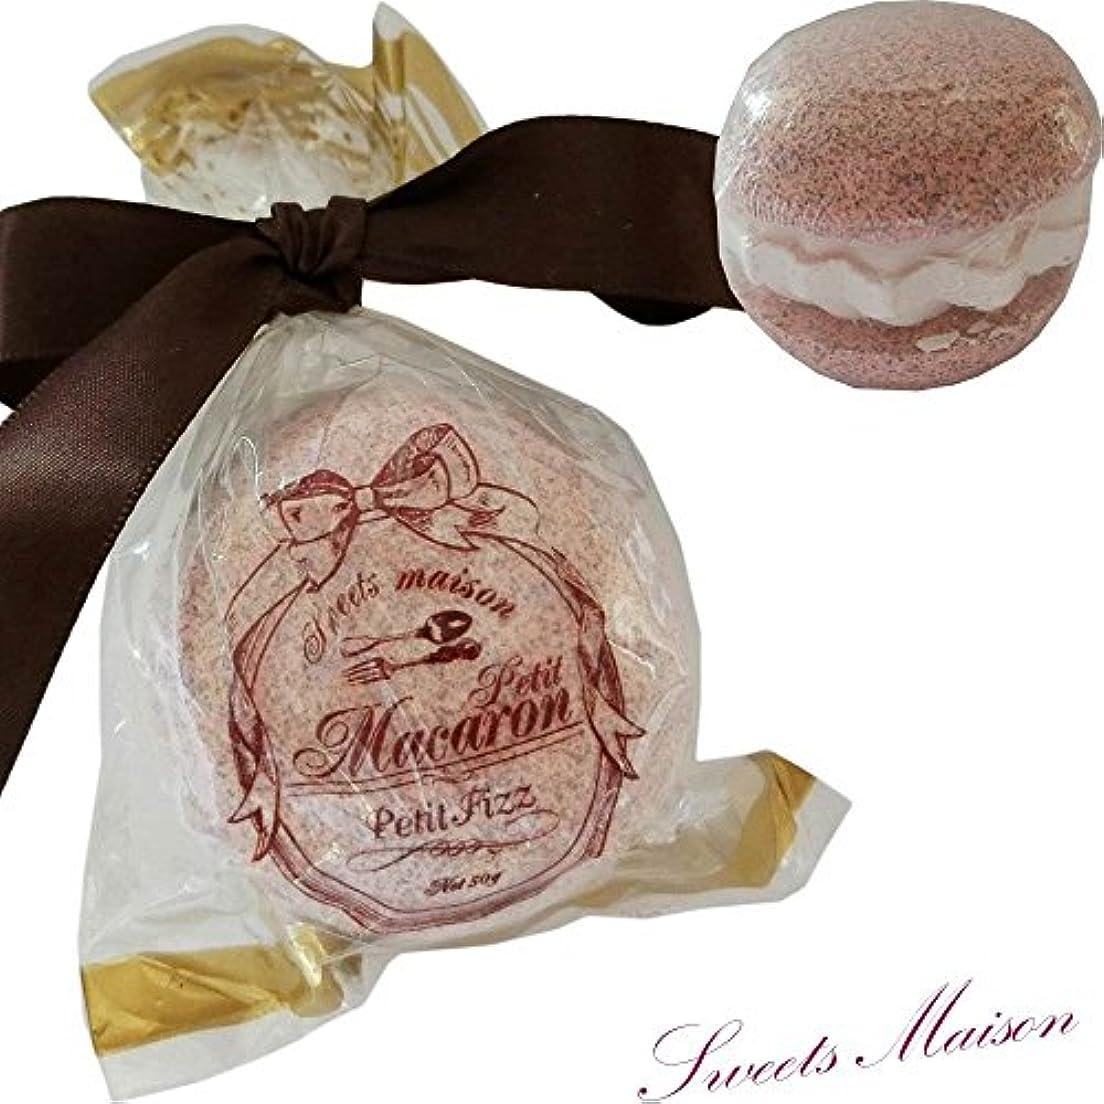 平和ブロック耐久【Sweets Maison】プチマカロンフィズ ビターなマンダリン&チョコレートの香り 1個